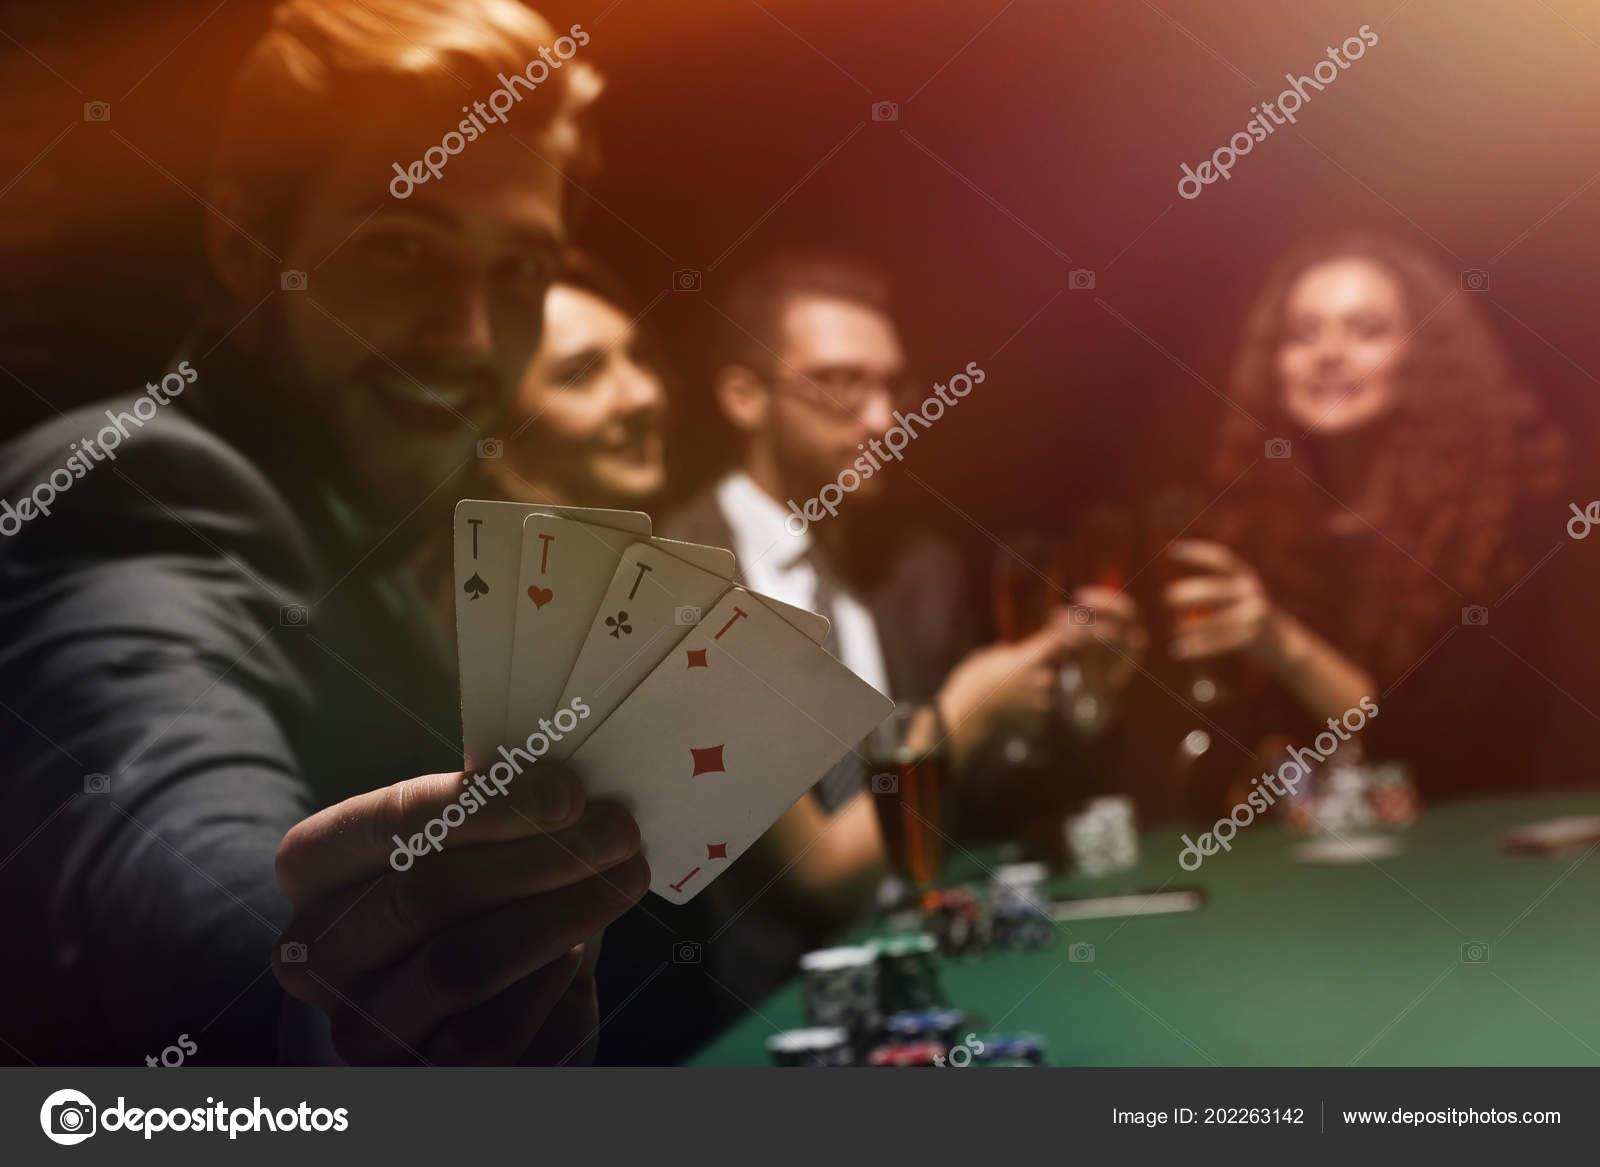 Азартный игрок 2000 игра скачать